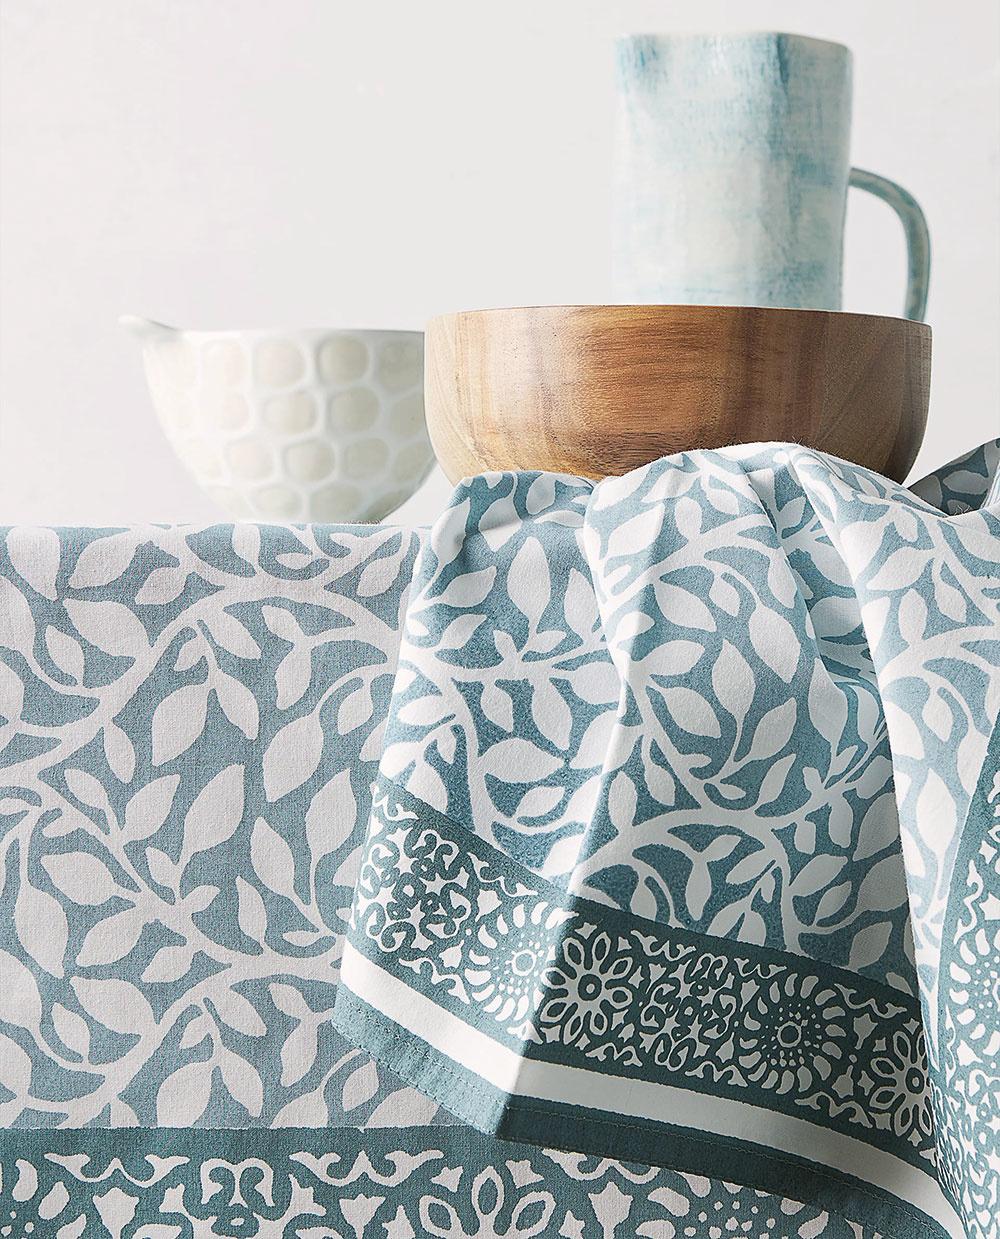 Textil je aj ofarbách avzoroch. Trendom sú prírodné odtiene vtónoch benzínu, fuksie, vápna, medu, ale iživé tóny zelenej, tyrkysovej akráľovskej modrej sopakujúcimi sa vzormi ajasnými akcentmi.